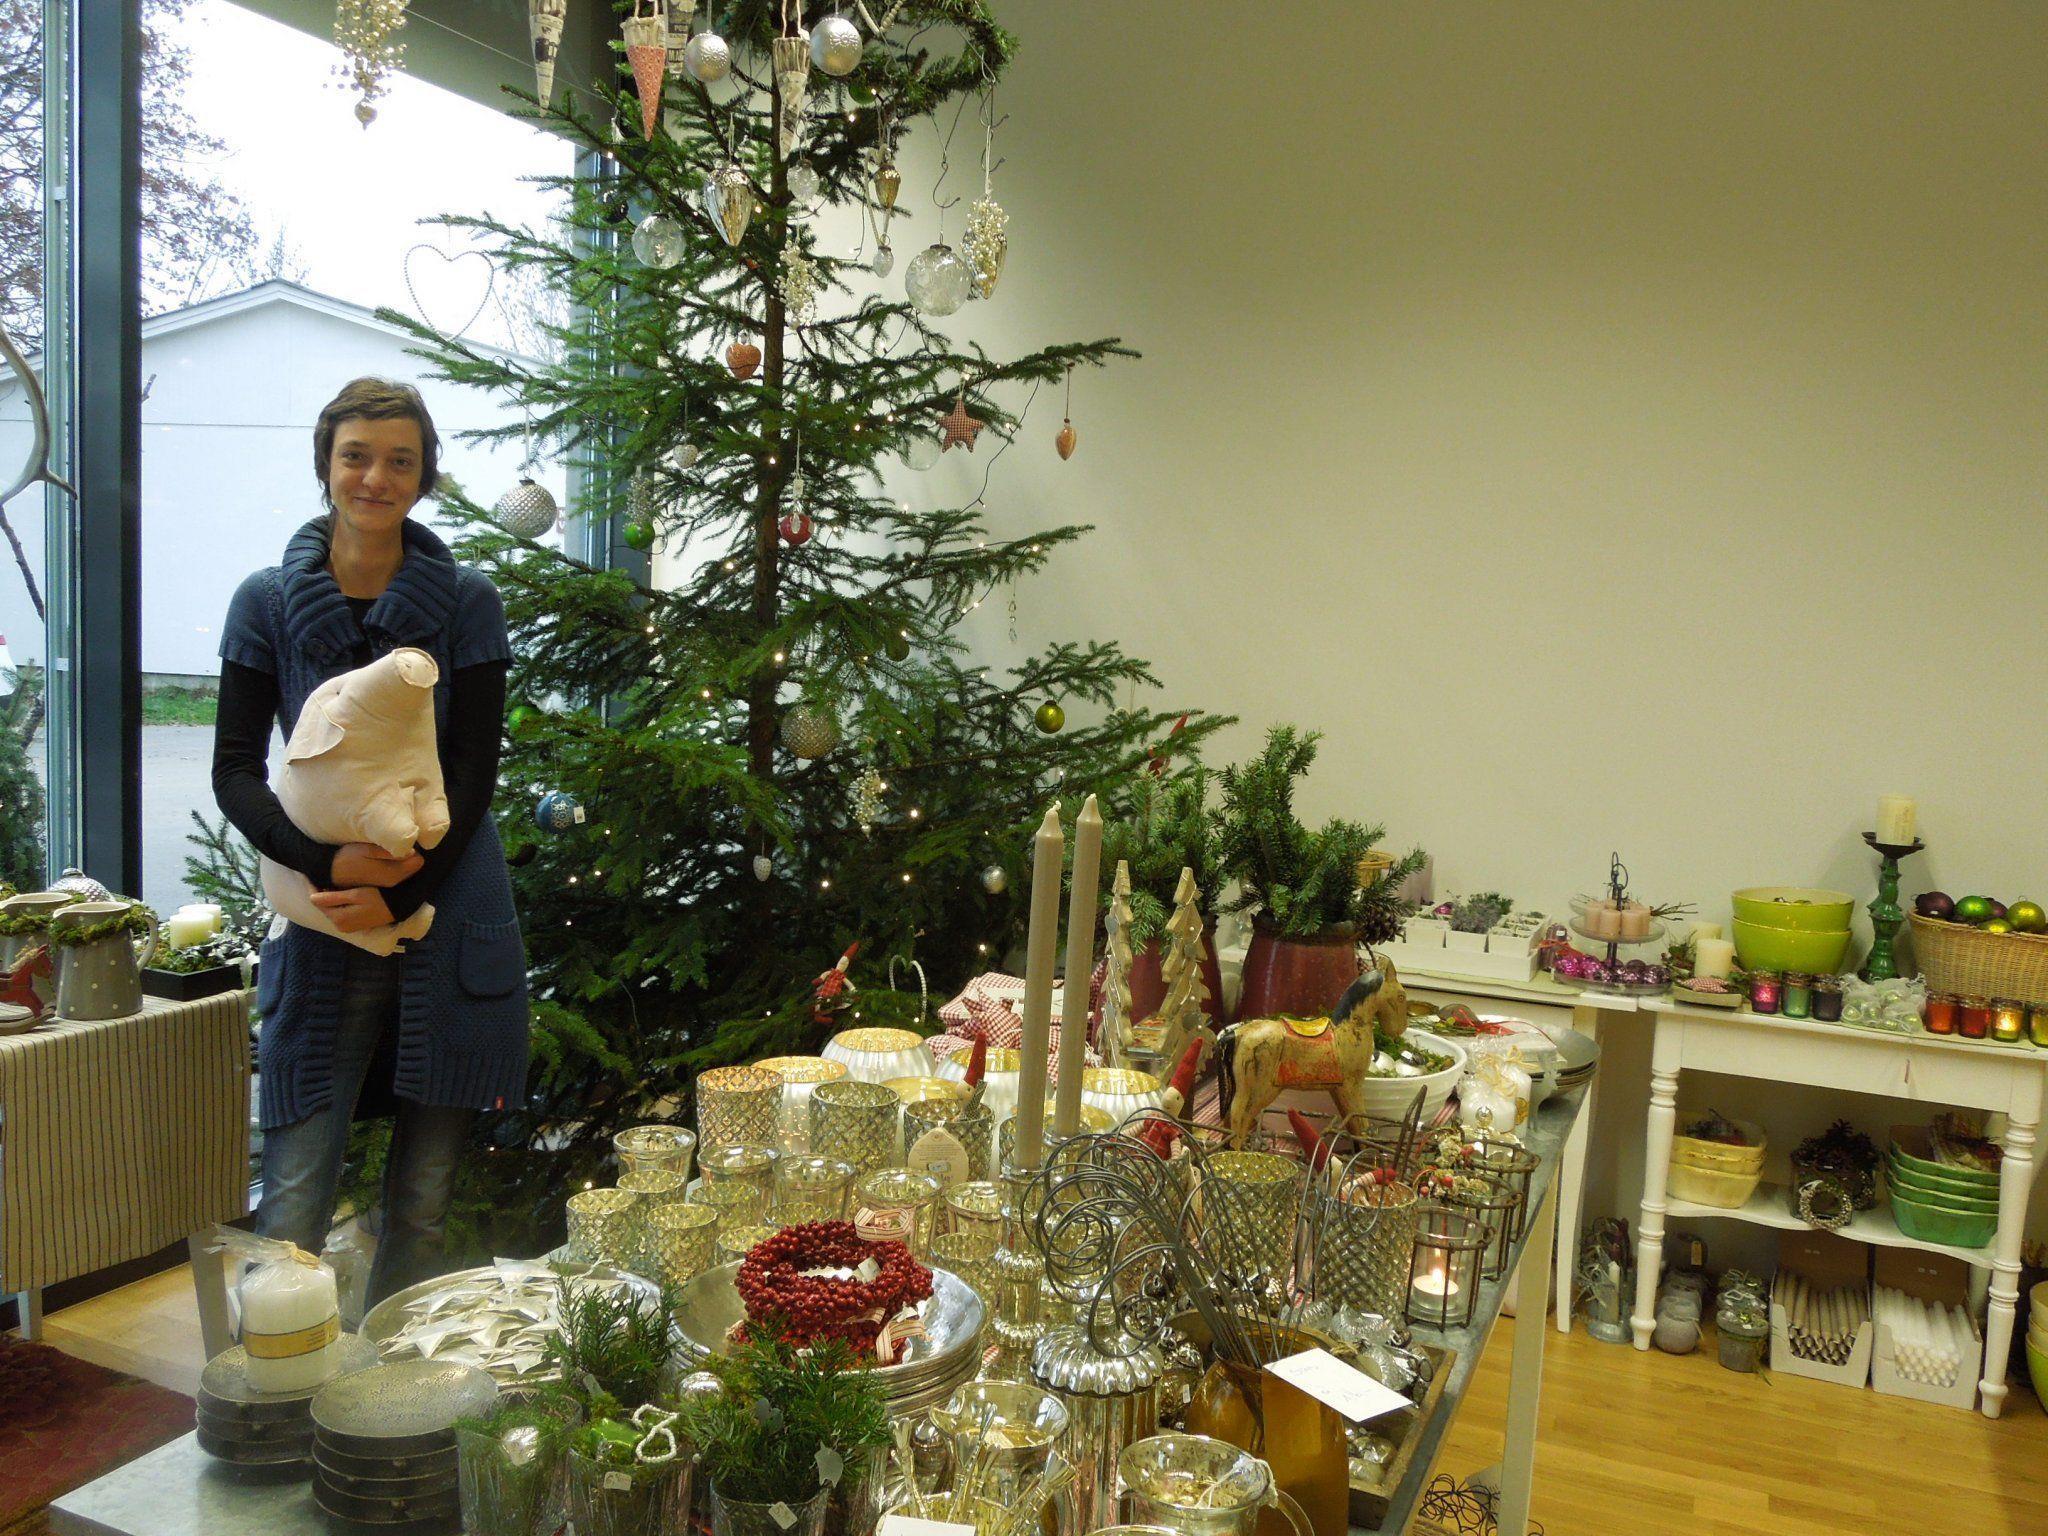 Letzte Woche wurde die Weihnachtsausstellung im Zeitlos schön von Elke Krainer eröffnet.